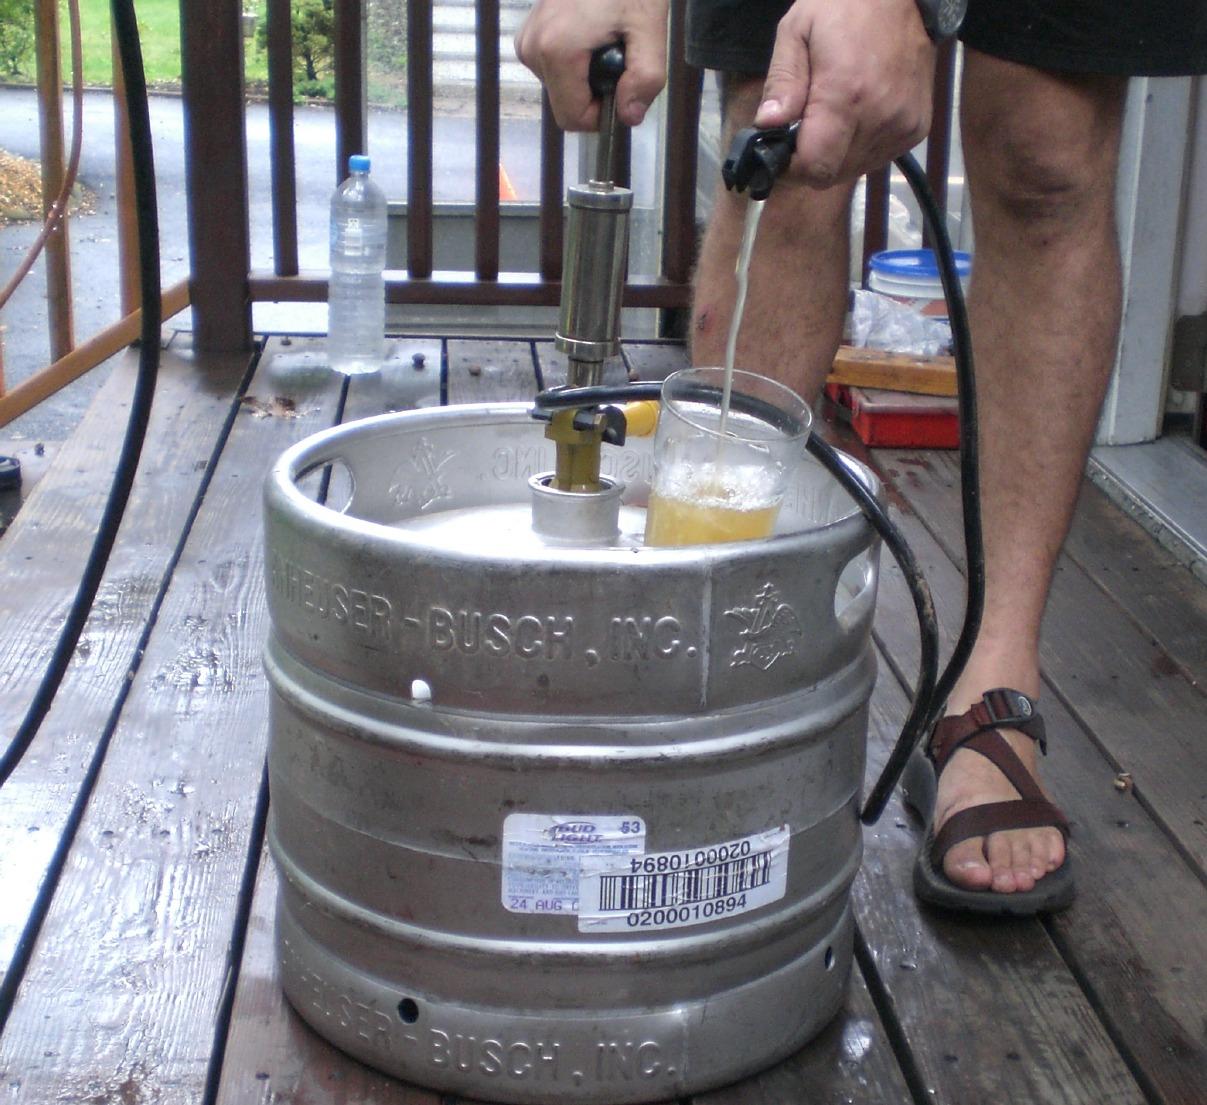 Craft Beer In Kegs